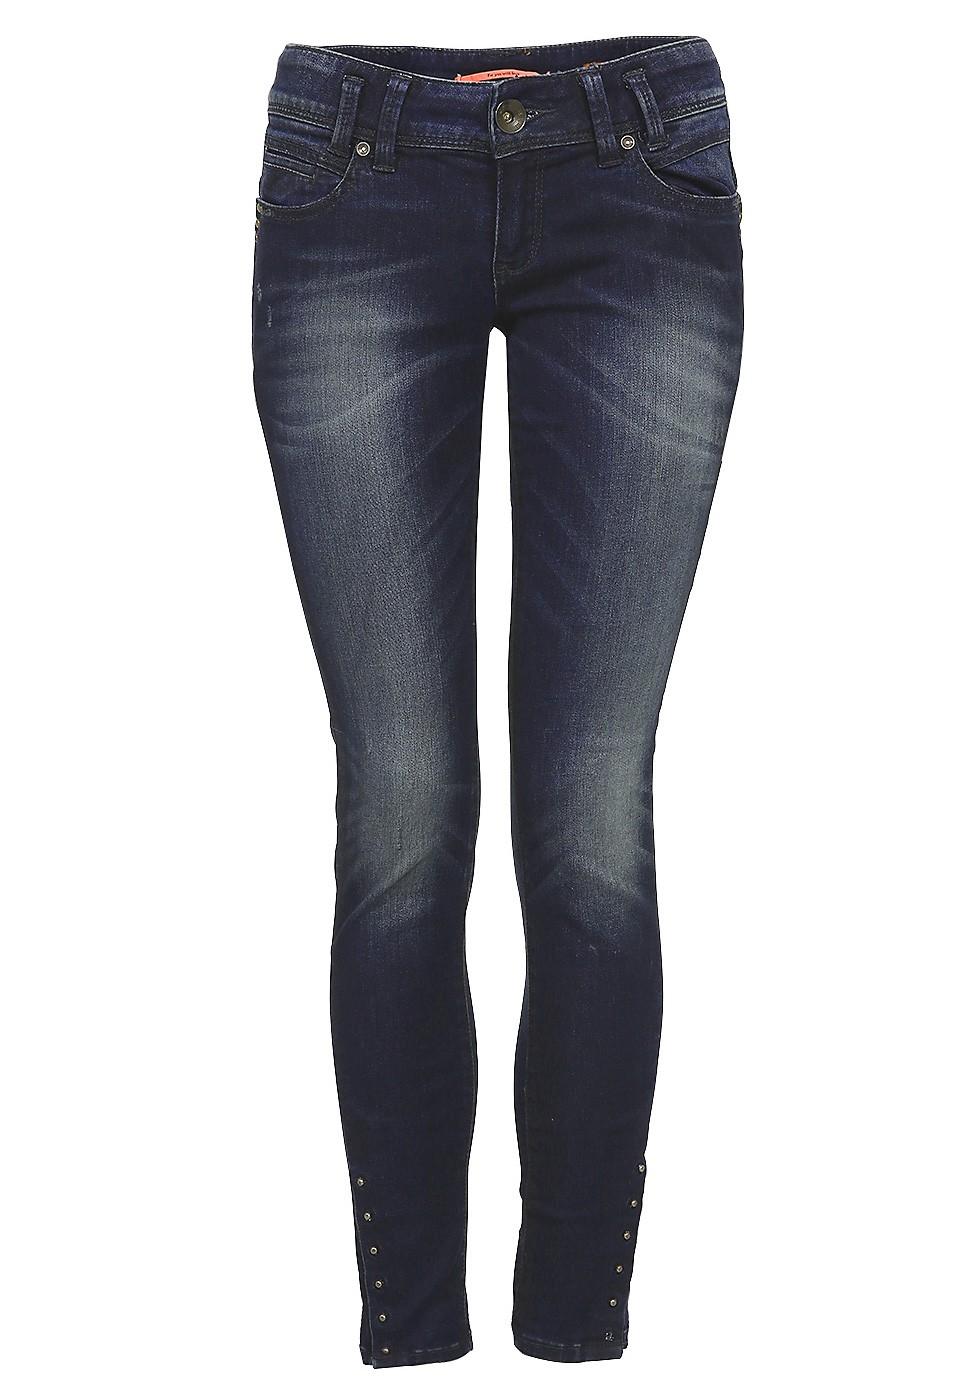 qs by s oliver jeans hose damen jeans hosen. Black Bedroom Furniture Sets. Home Design Ideas